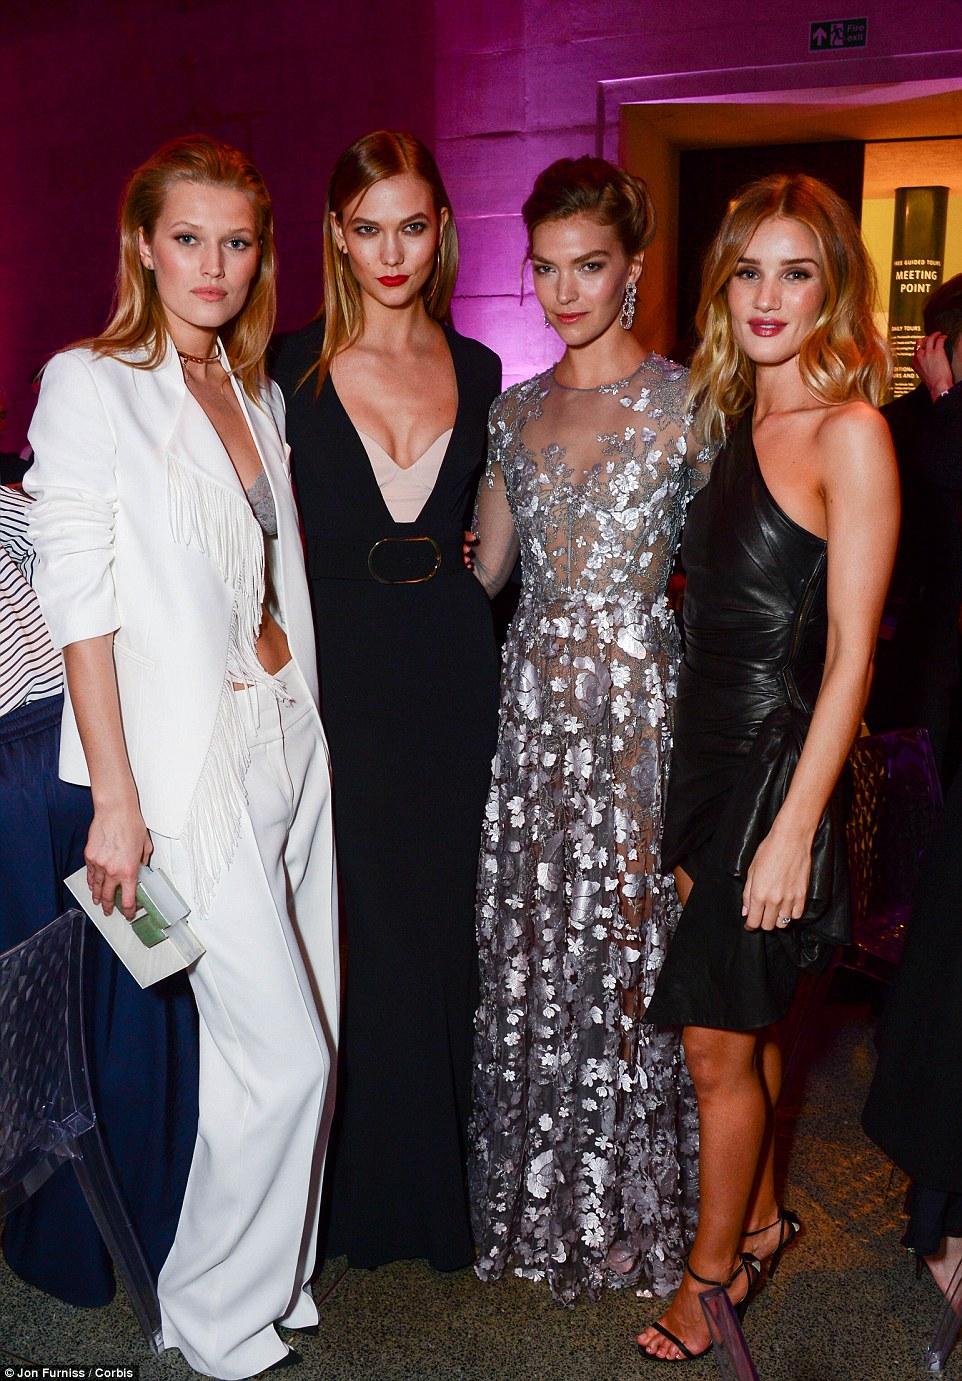 O Exército supermodelo: (da Esquerda) Toni, Karlie e Rosie Imagens Compartilhadas com o requintado Arizona Muse